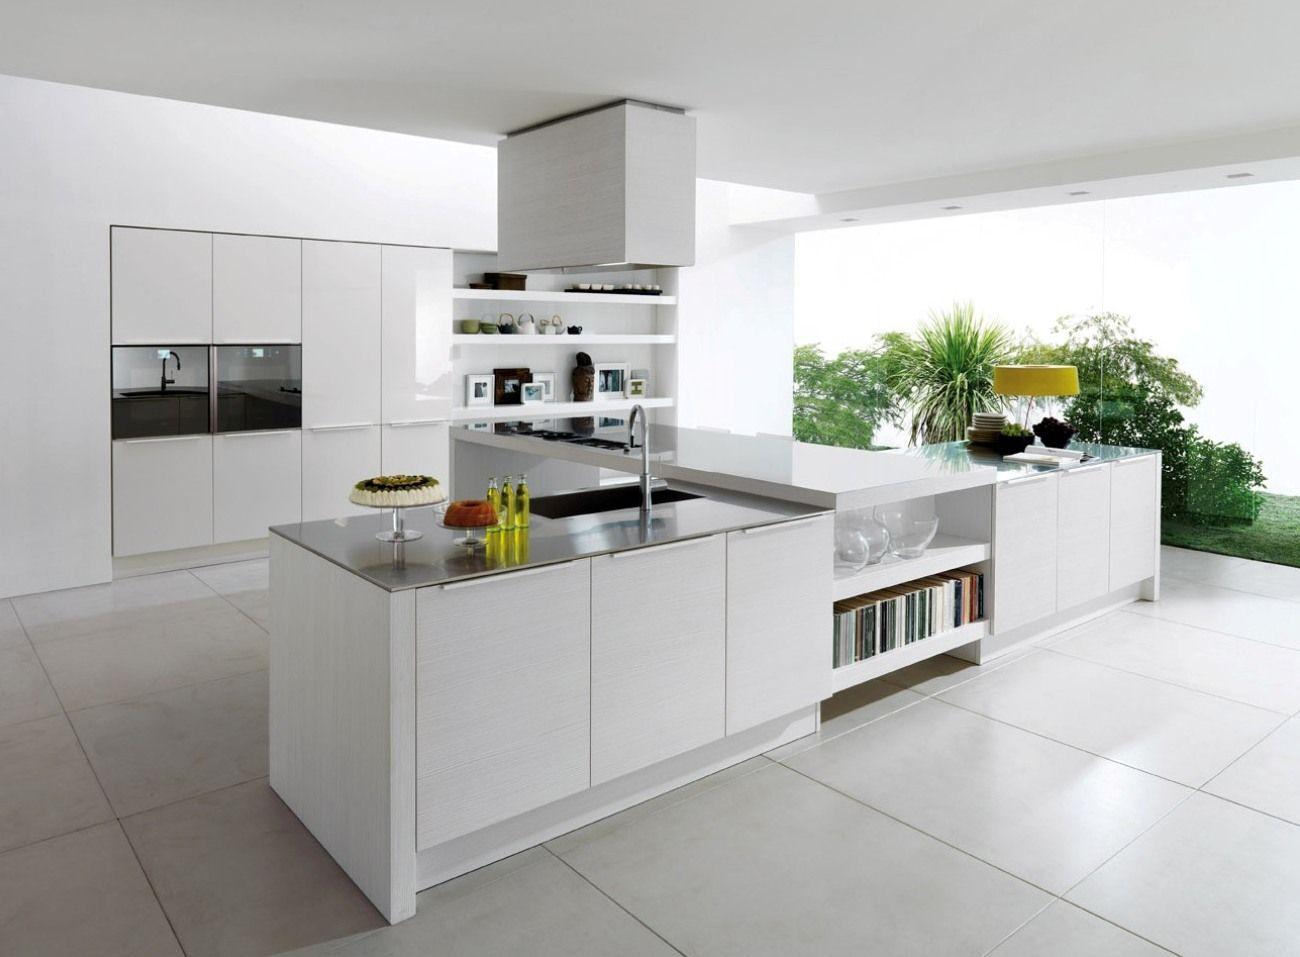 35 modern kitchen design inspiration | cocinas, piscinas y fantasía